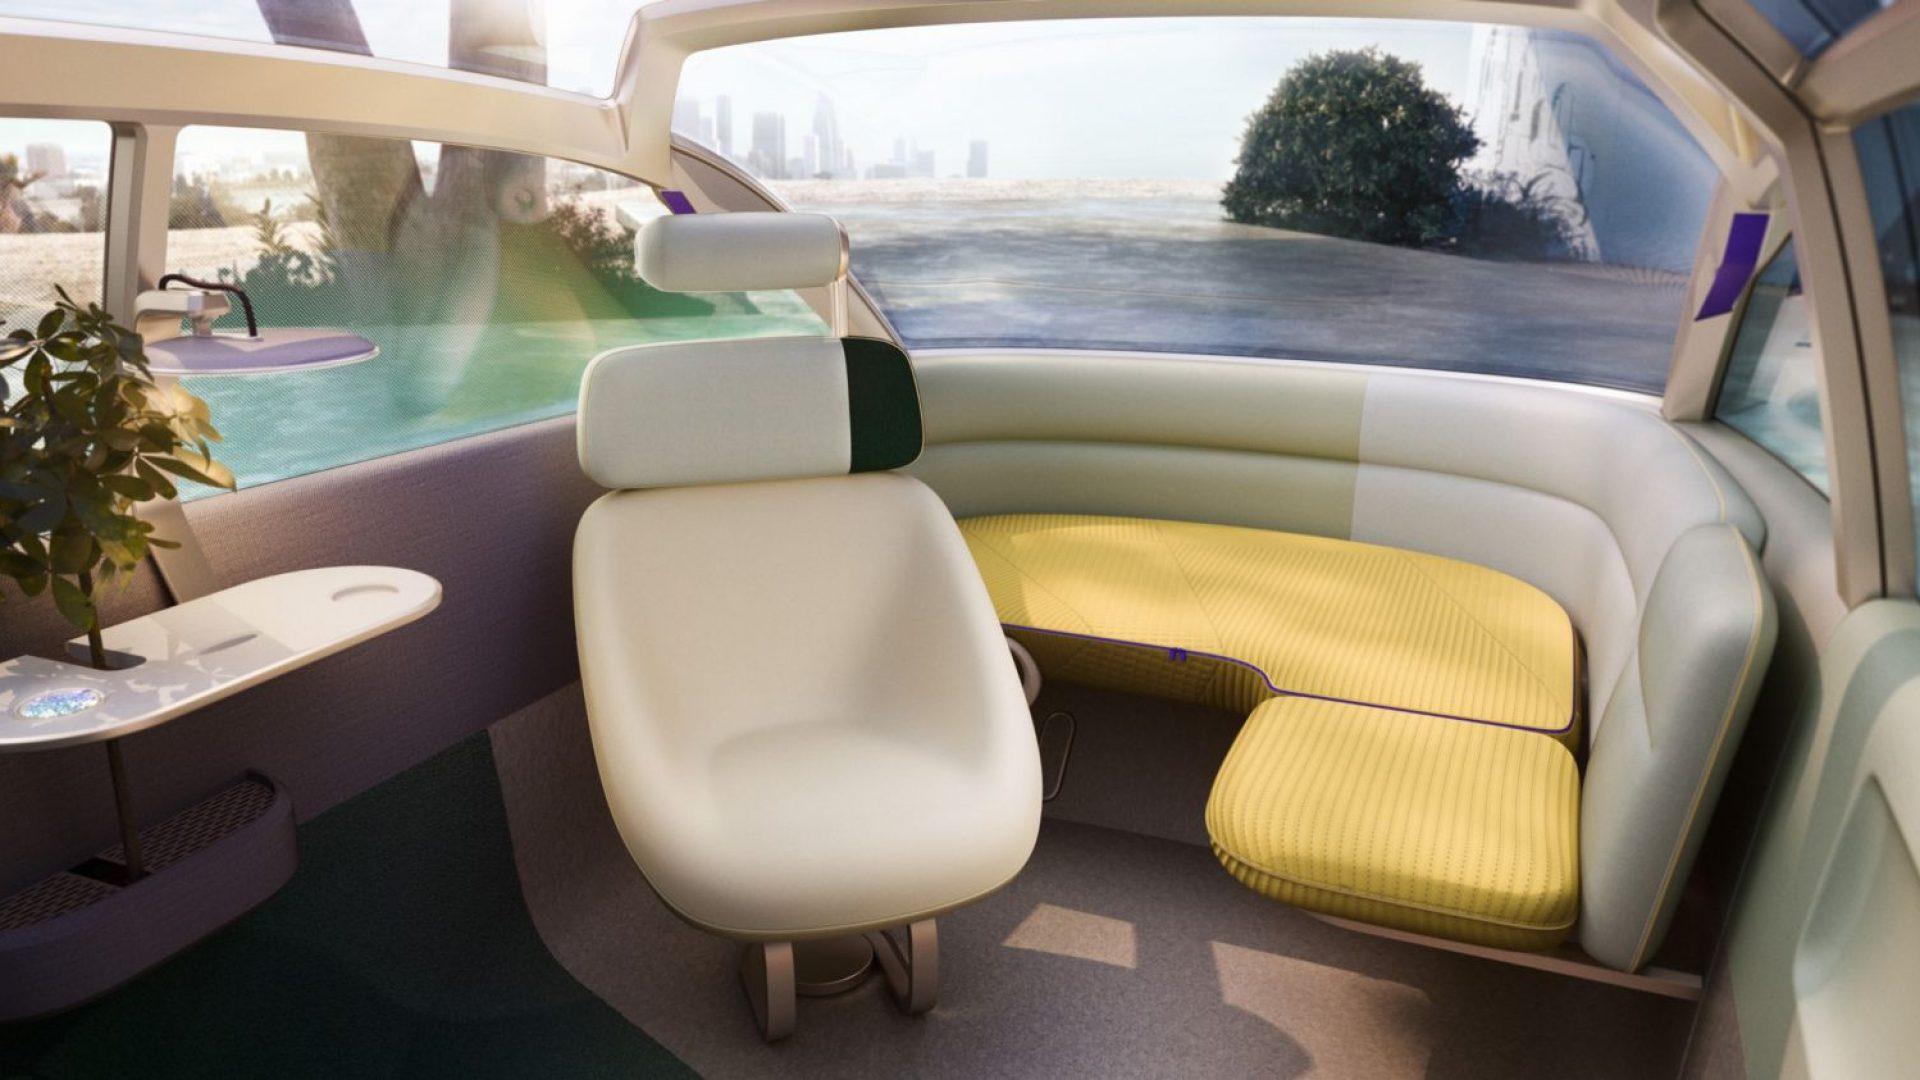 2020-Mini-Vision-Urbanaut-Concept-Interior-02